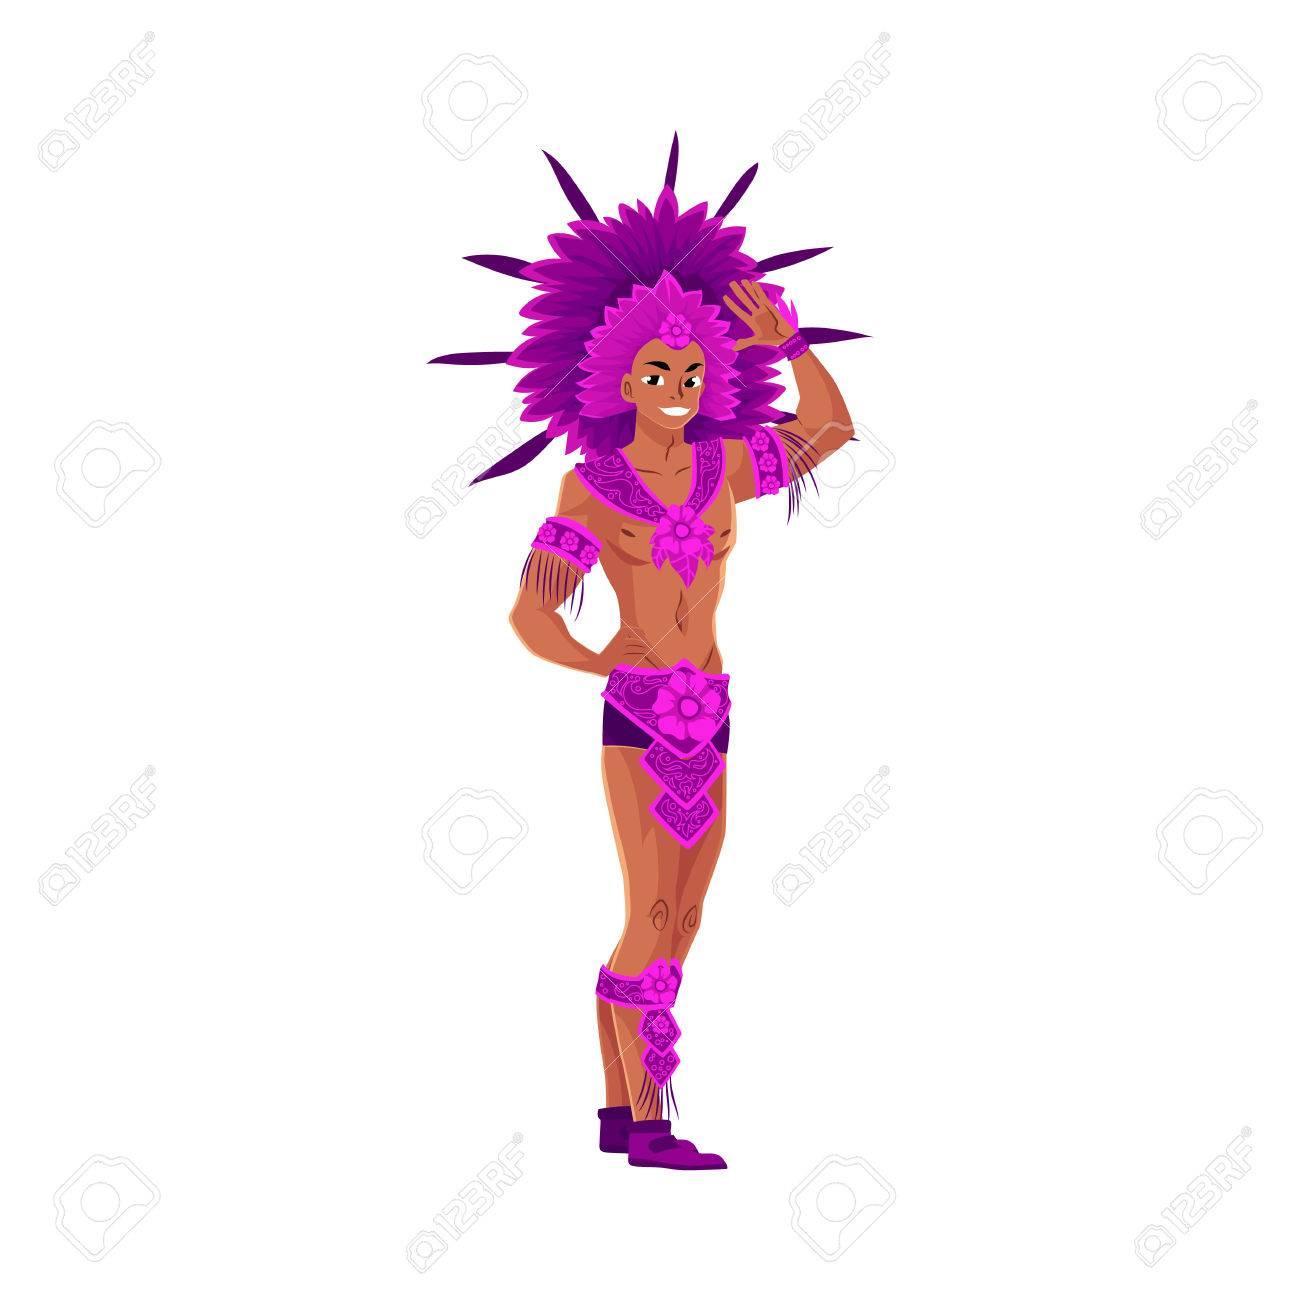 cb69efb52ada Vestido de hombre joven para el carnaval brasileño en Río de Janeiro,  bailarín de samba en traje de plumas y tocado, ilustración vectorial de  dibujos ...